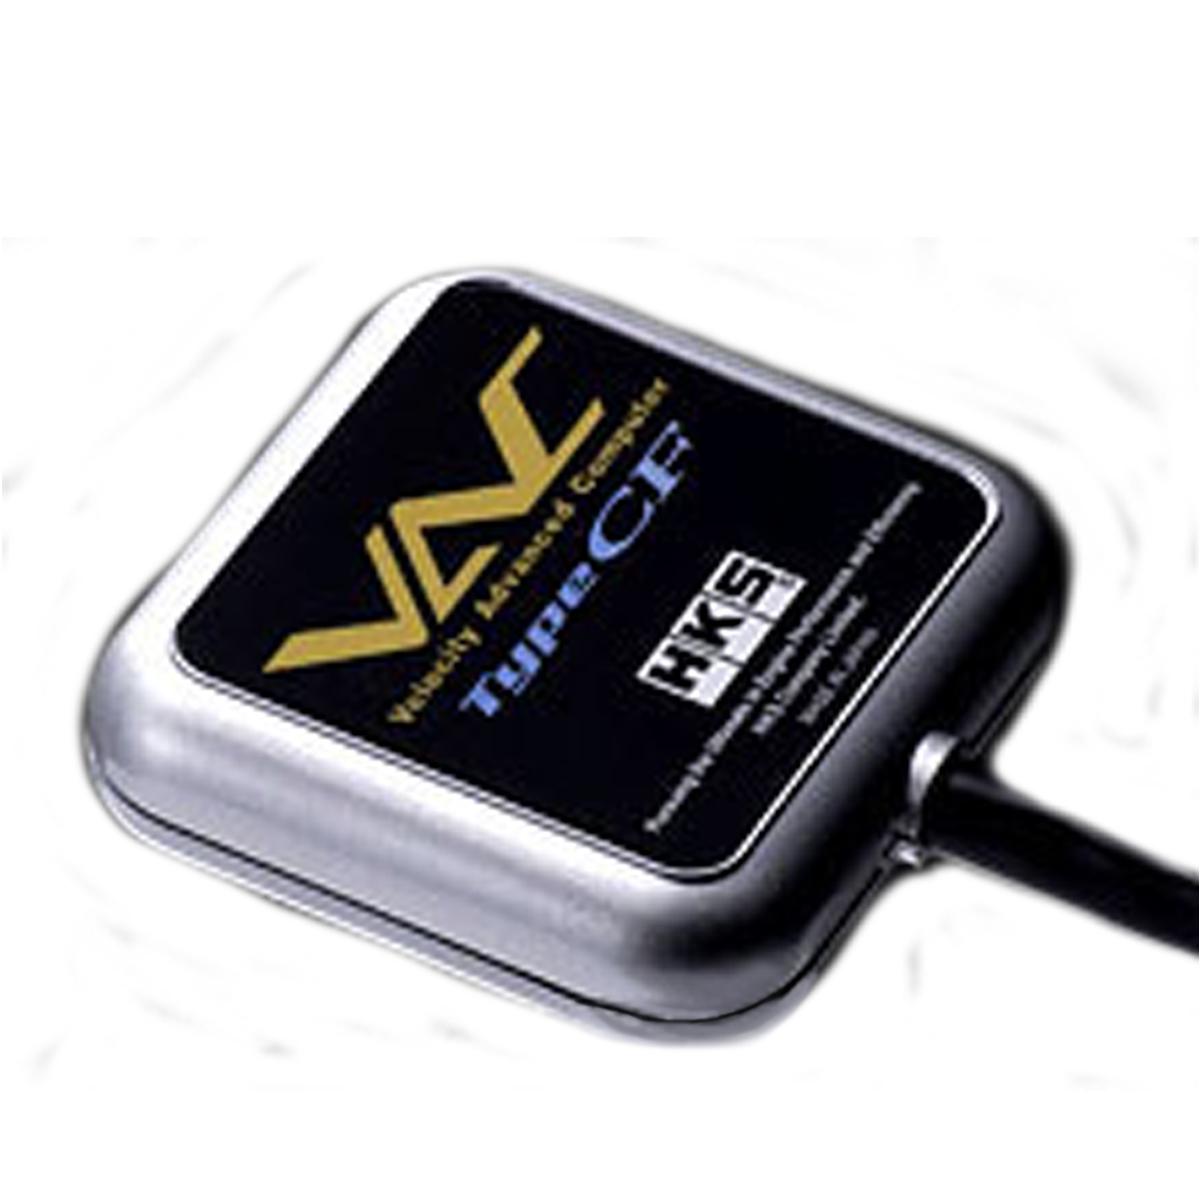 汎用 スピードリミッターカット VAC ヴェロシティー アドバンスド コンピューター HKS 45002-AF003 エレクトリニクス